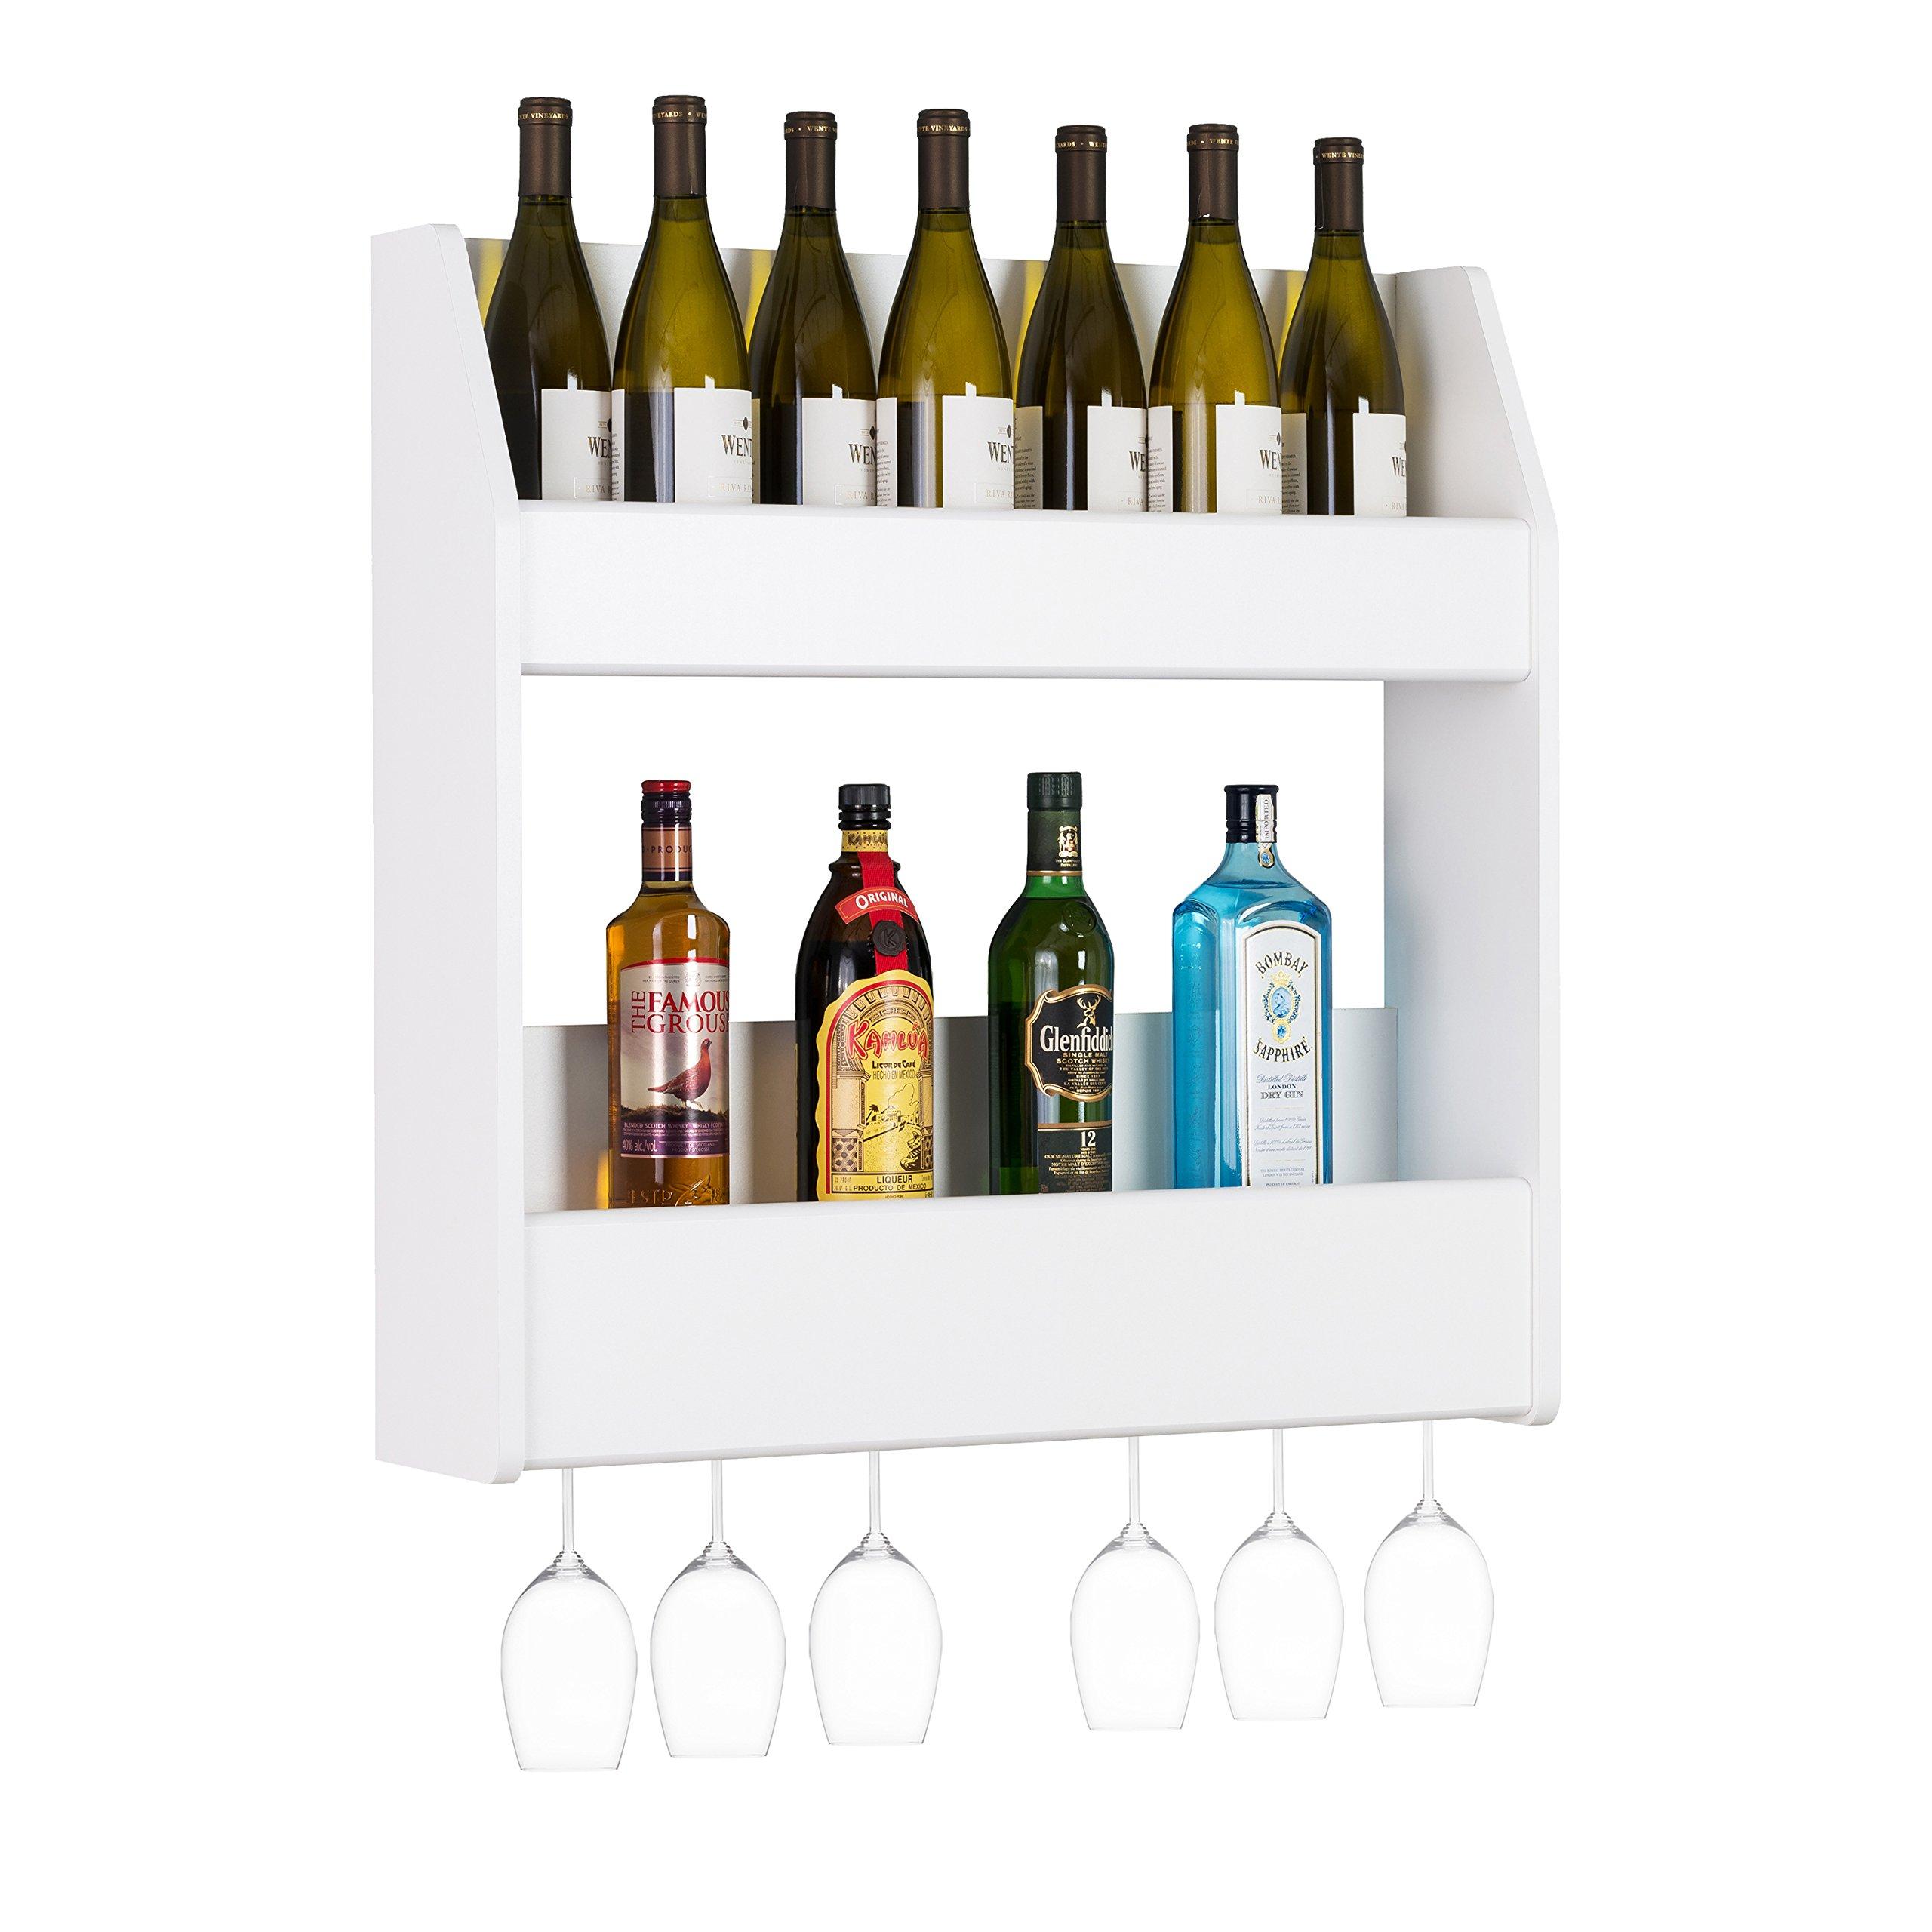 Prepac 2-Tier Floating Rack 2 Liquor, 24 Standard 750ml Bottles of Wine or Spirits, White